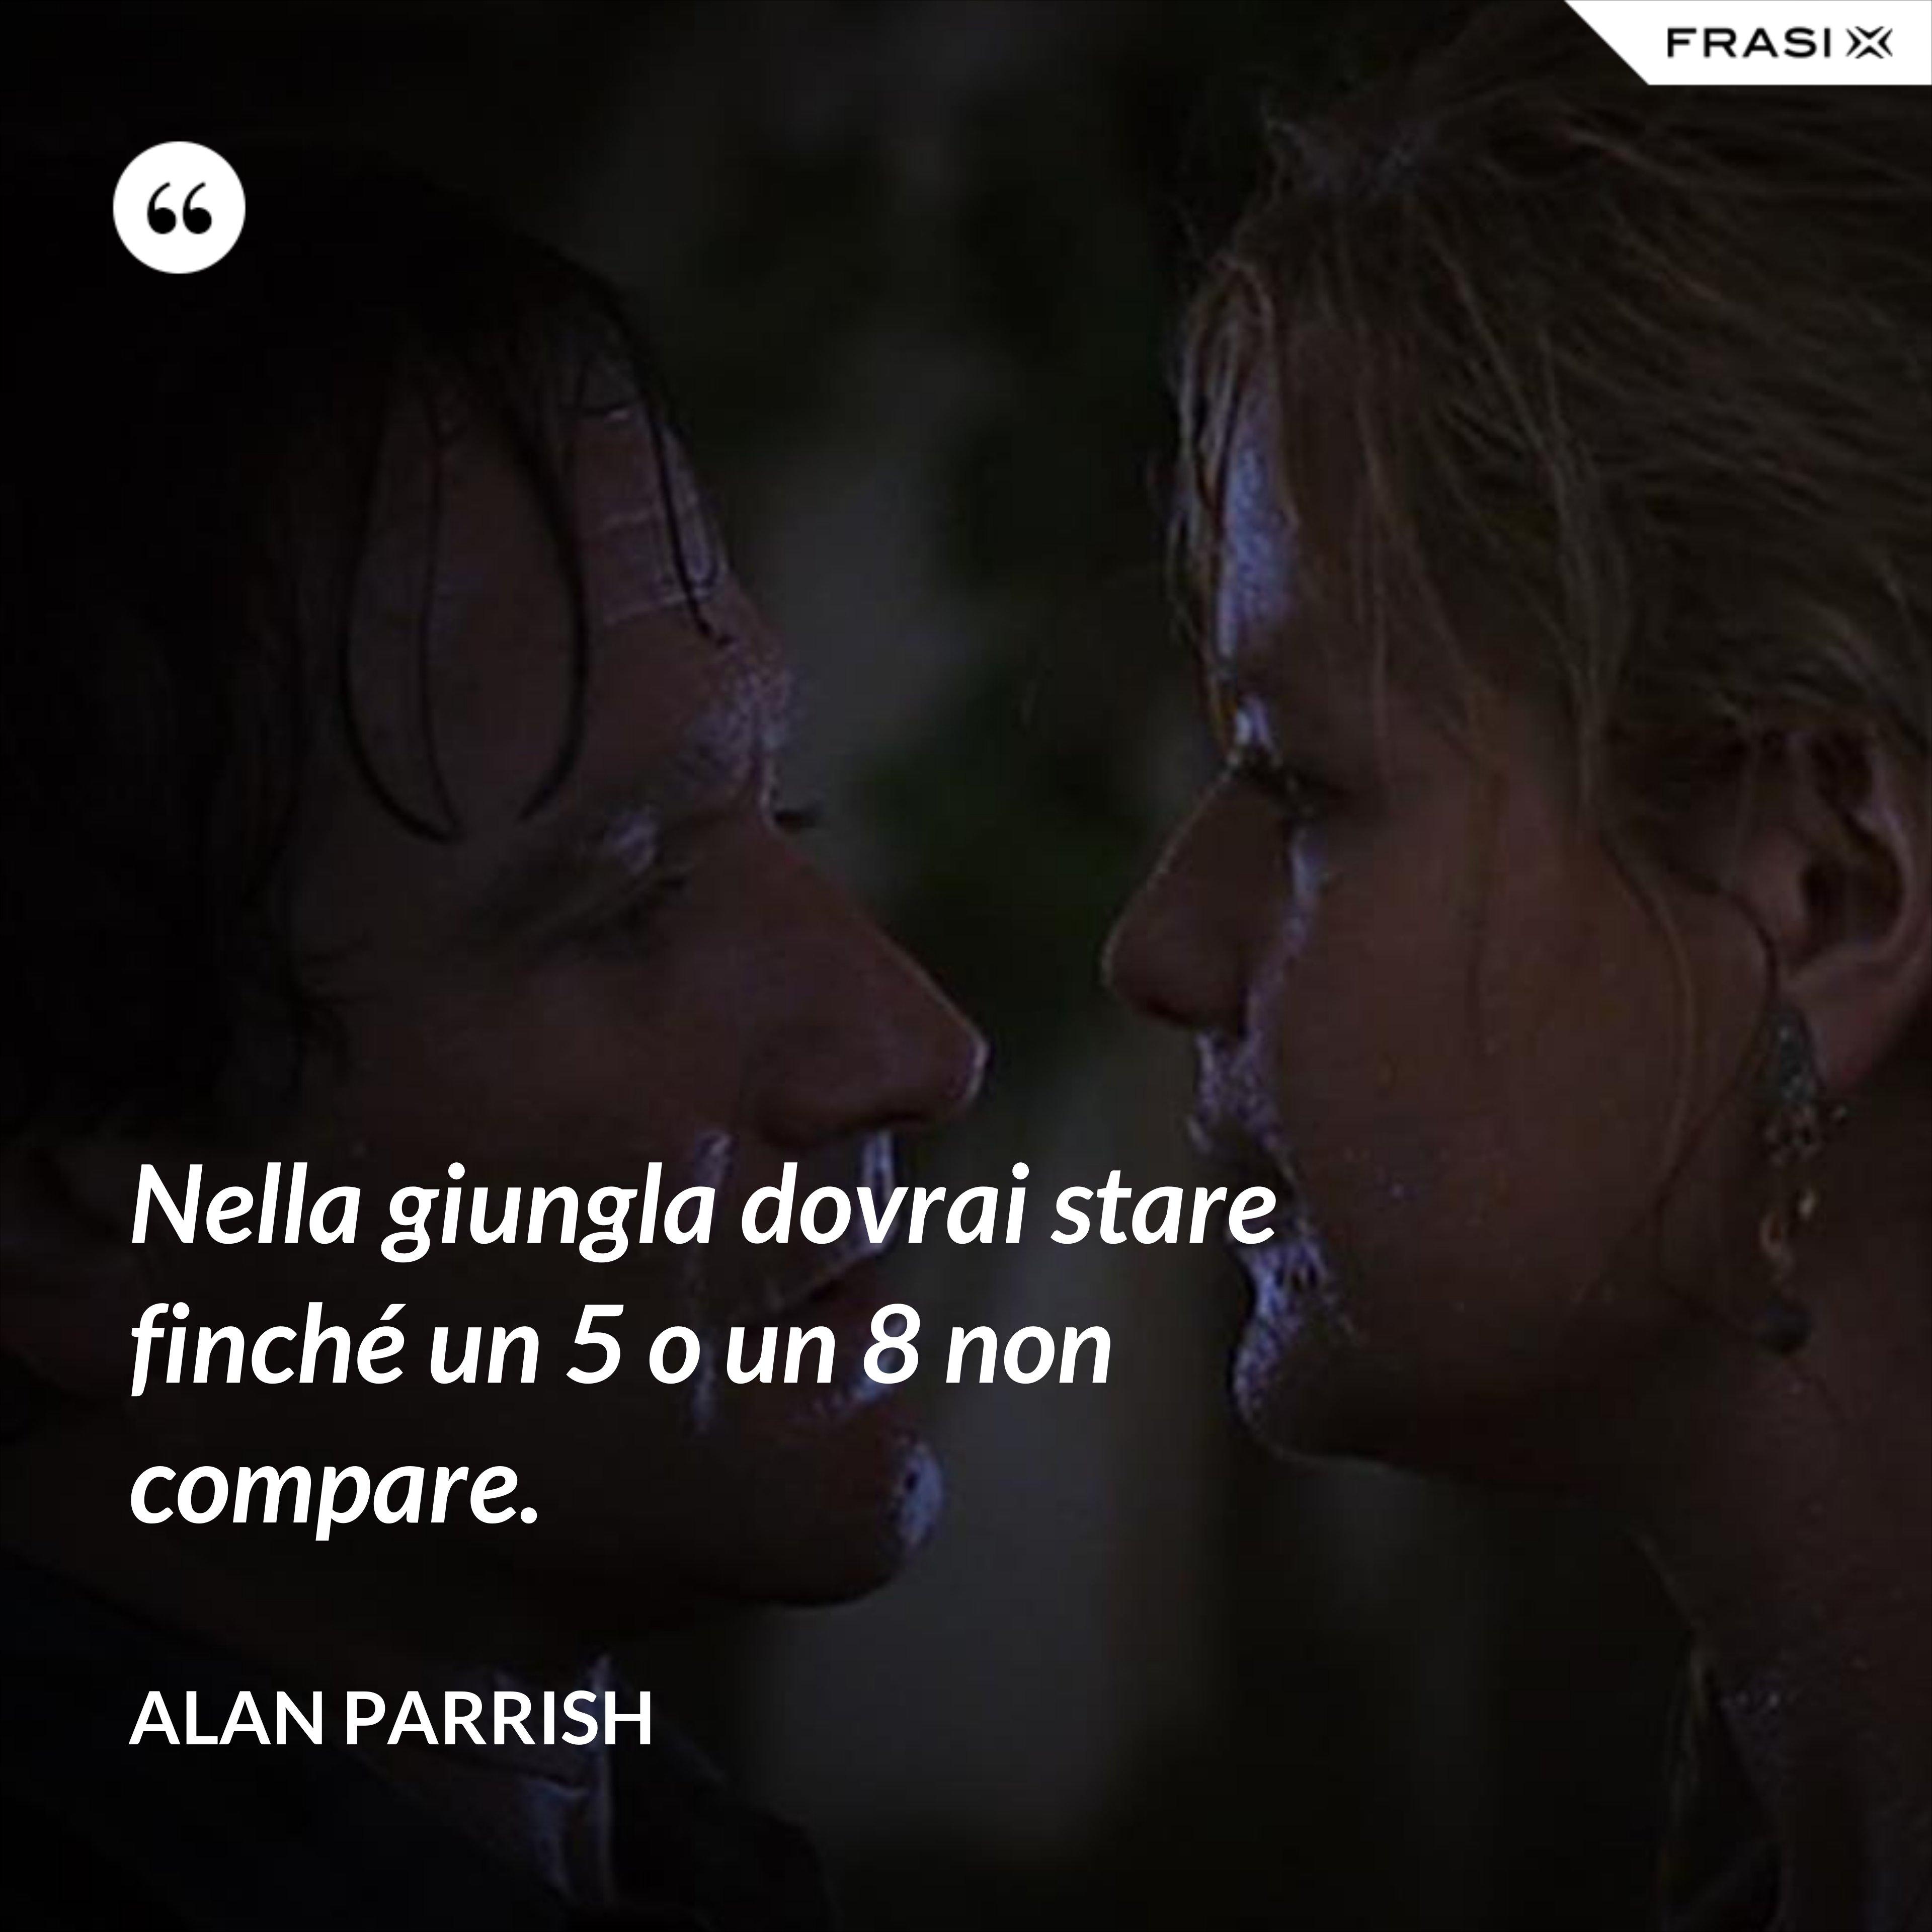 Nella giungla dovrai stare finché un 5 o un 8 non compare. - Alan Parrish